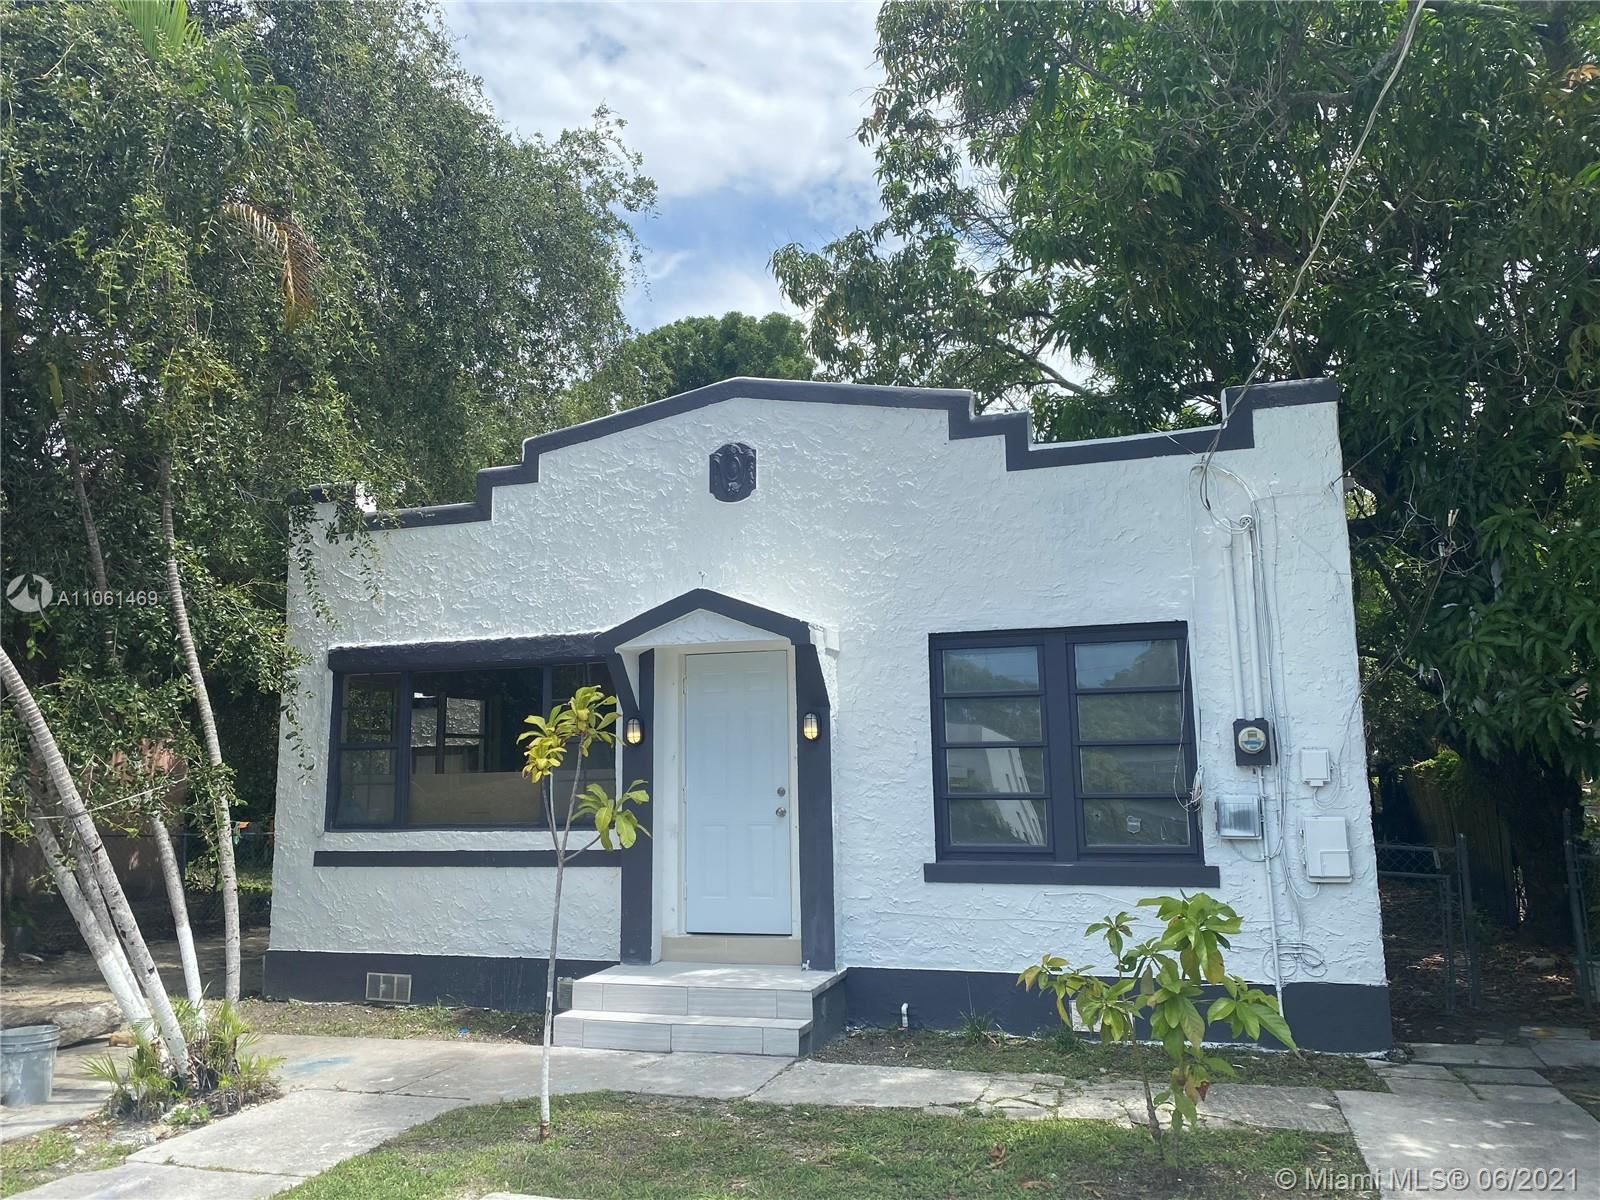 829 NW 56th St, Miami, FL 33127 - #: A11061469